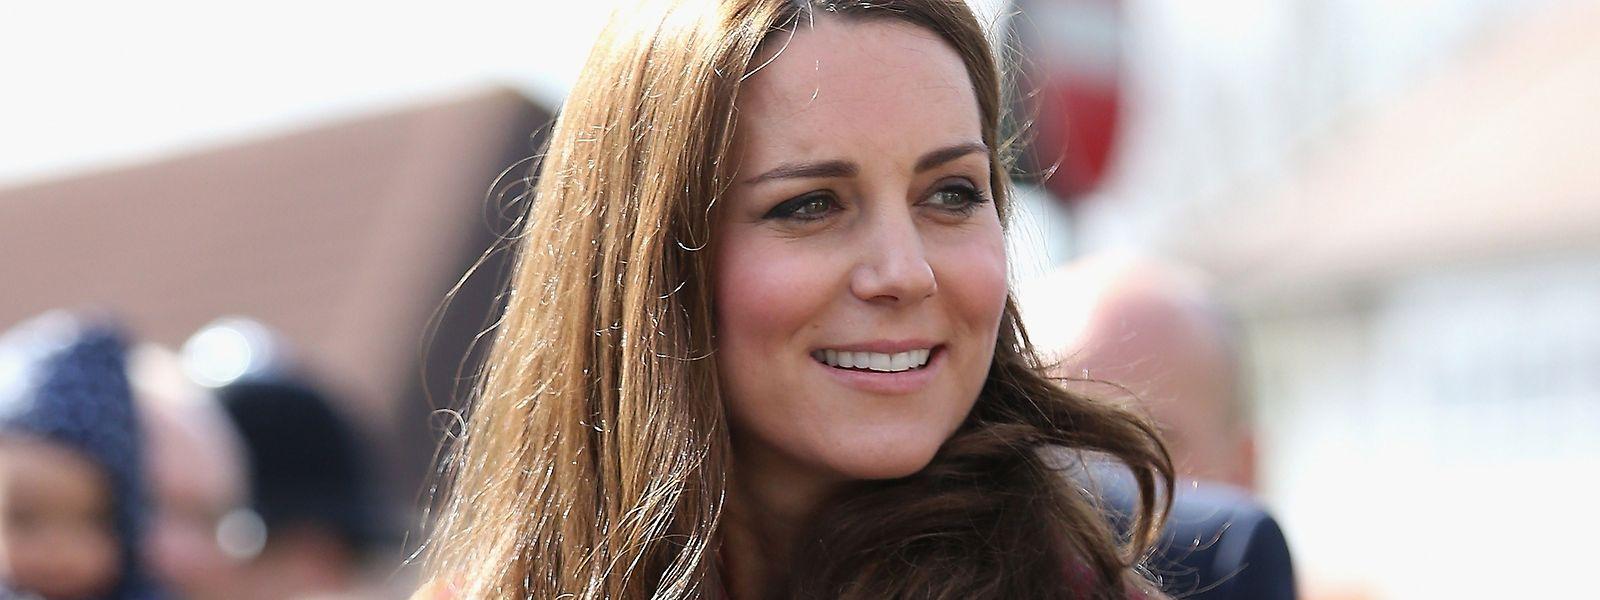 Die Herzogin besichtigt Luxemburg ohne ihren Mann Prinz William.